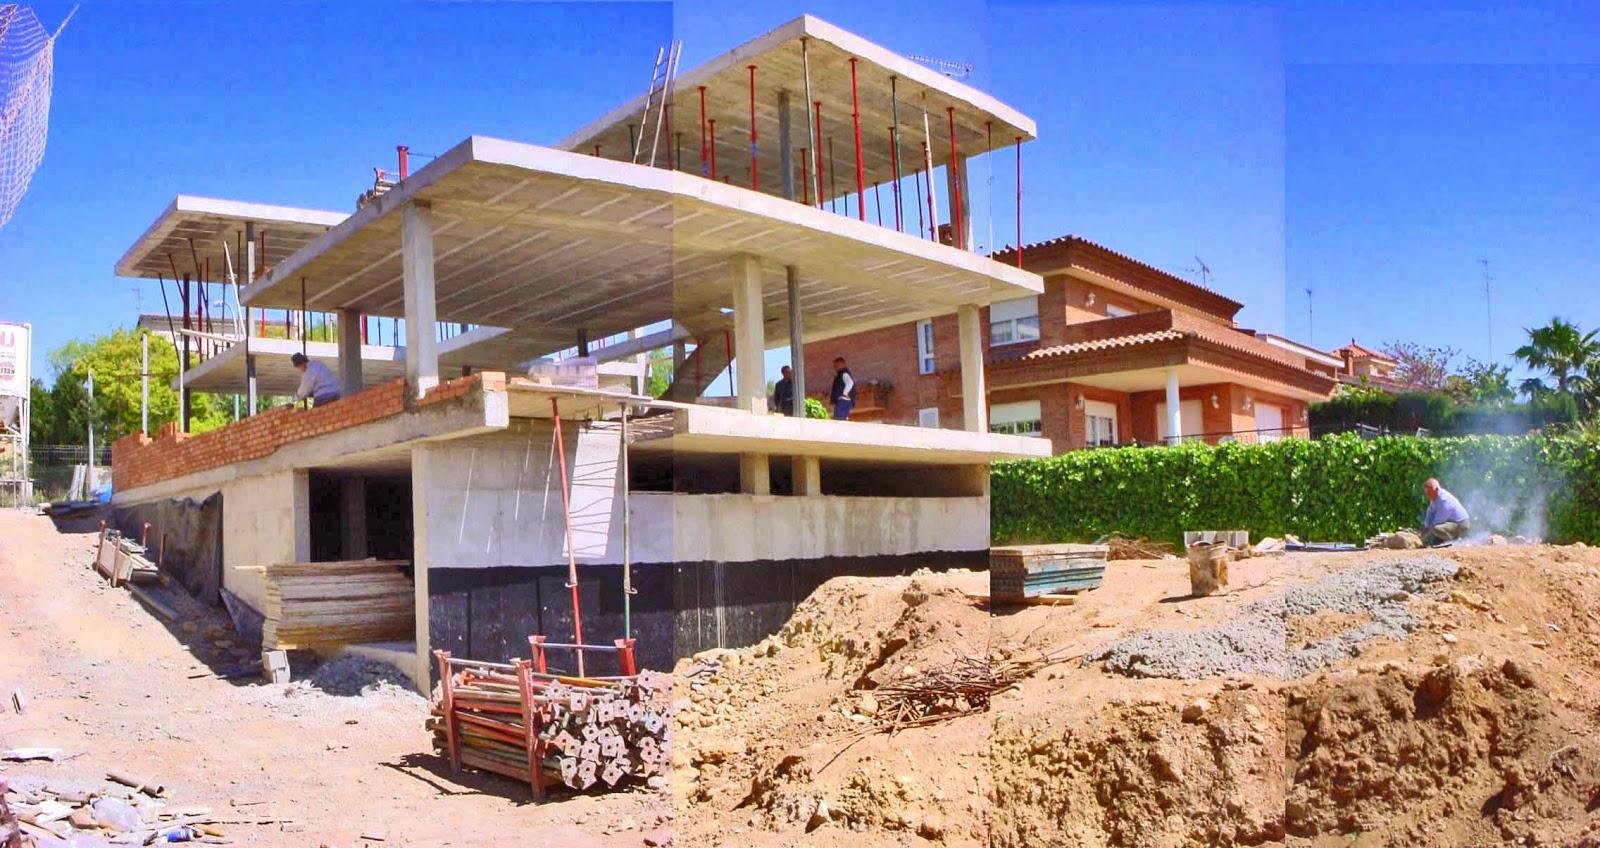 Aguilera guerrero agua arquitectos casa chv tarragona - Arquitectos tarragona ...